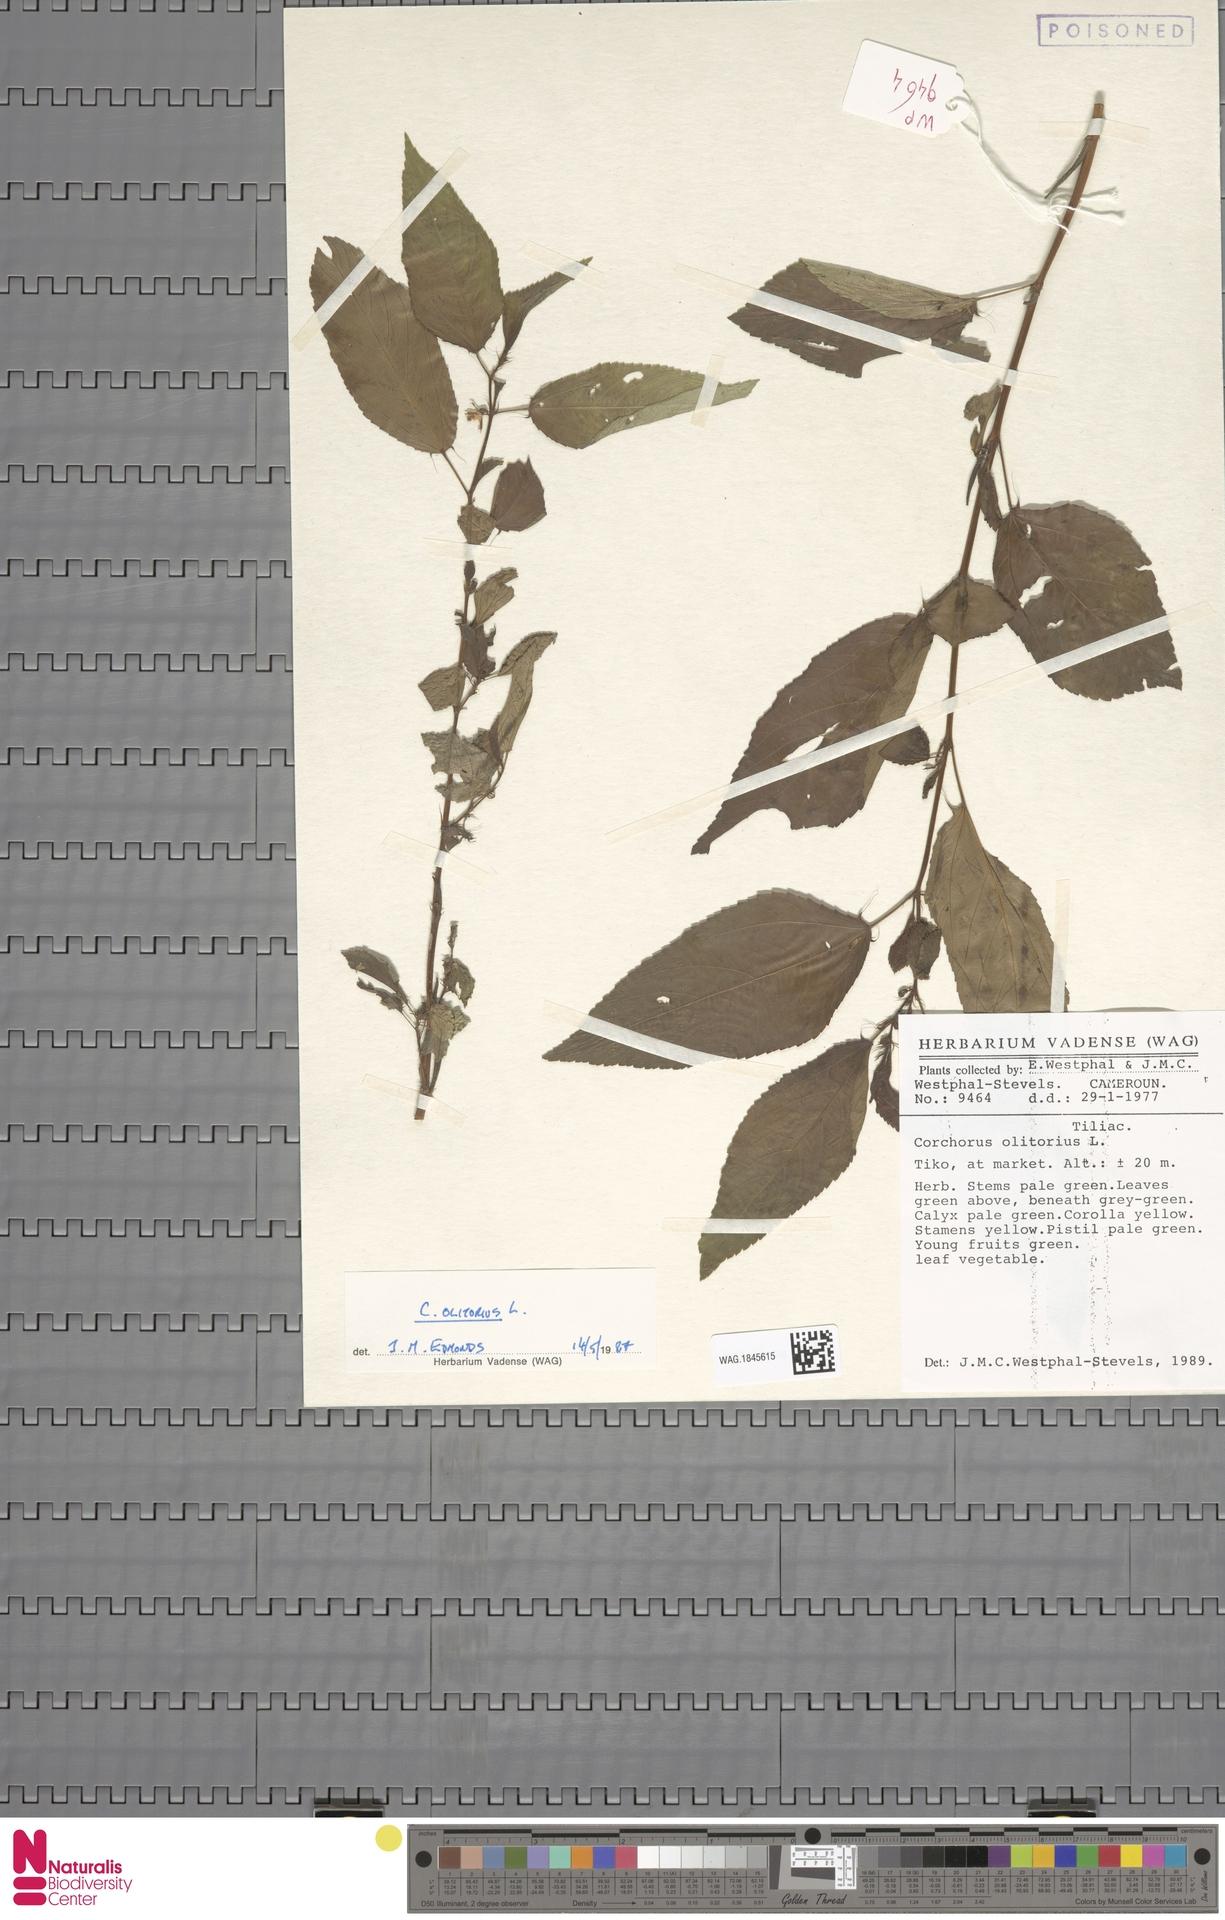 WAG.1845615 | Corchorus olitorius L.